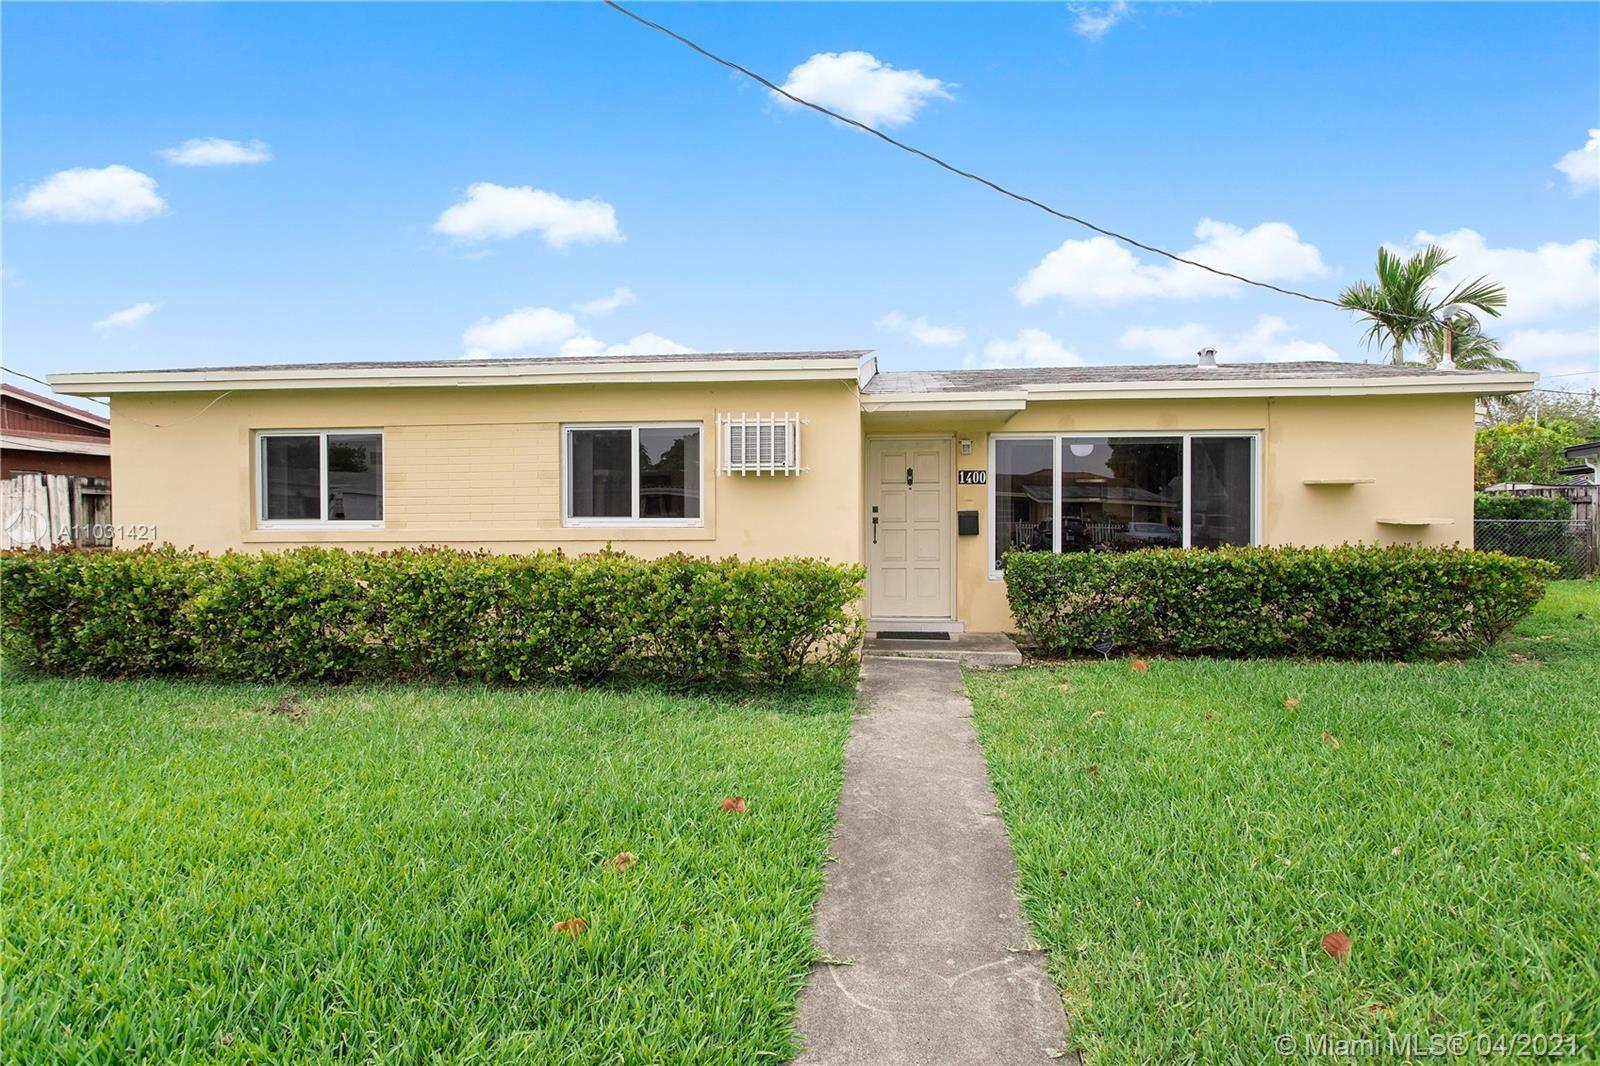 1400 SW 90th Ave, Miami, FL 33174 - #: A11031421